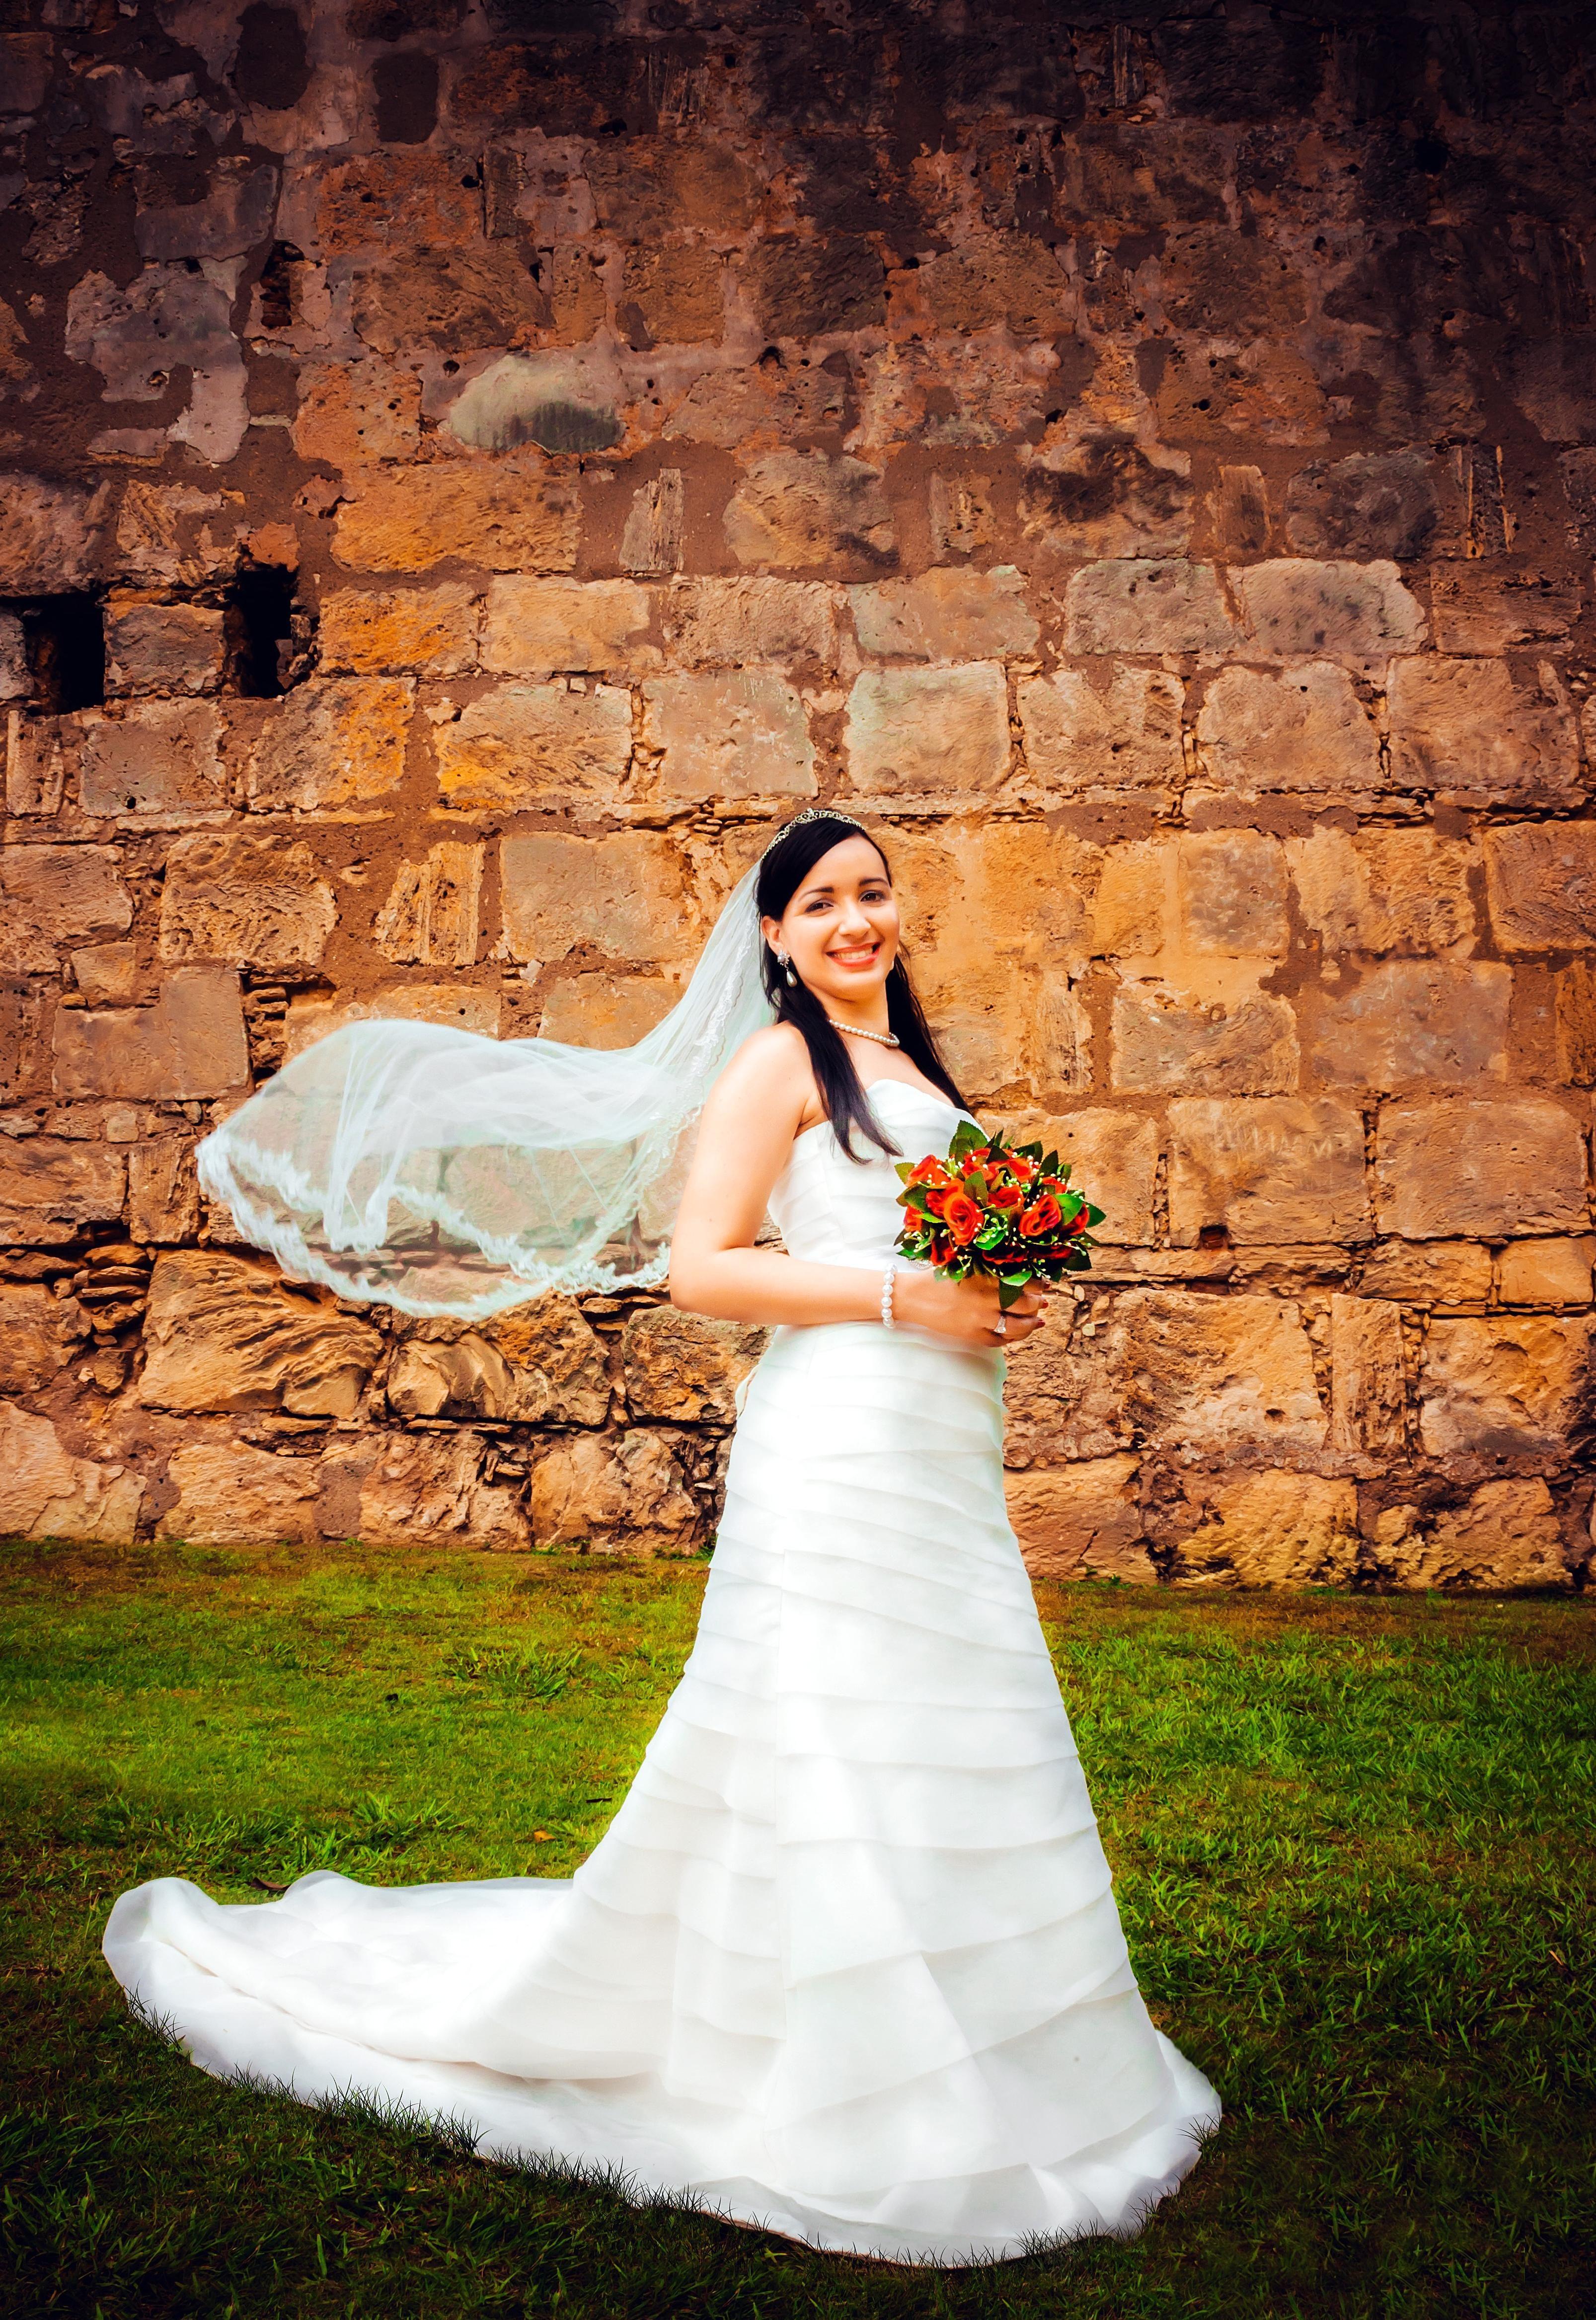 Kostenlose Bild: Braut, Mädchen, Kleid, Schleier, Frau, Porträt ...